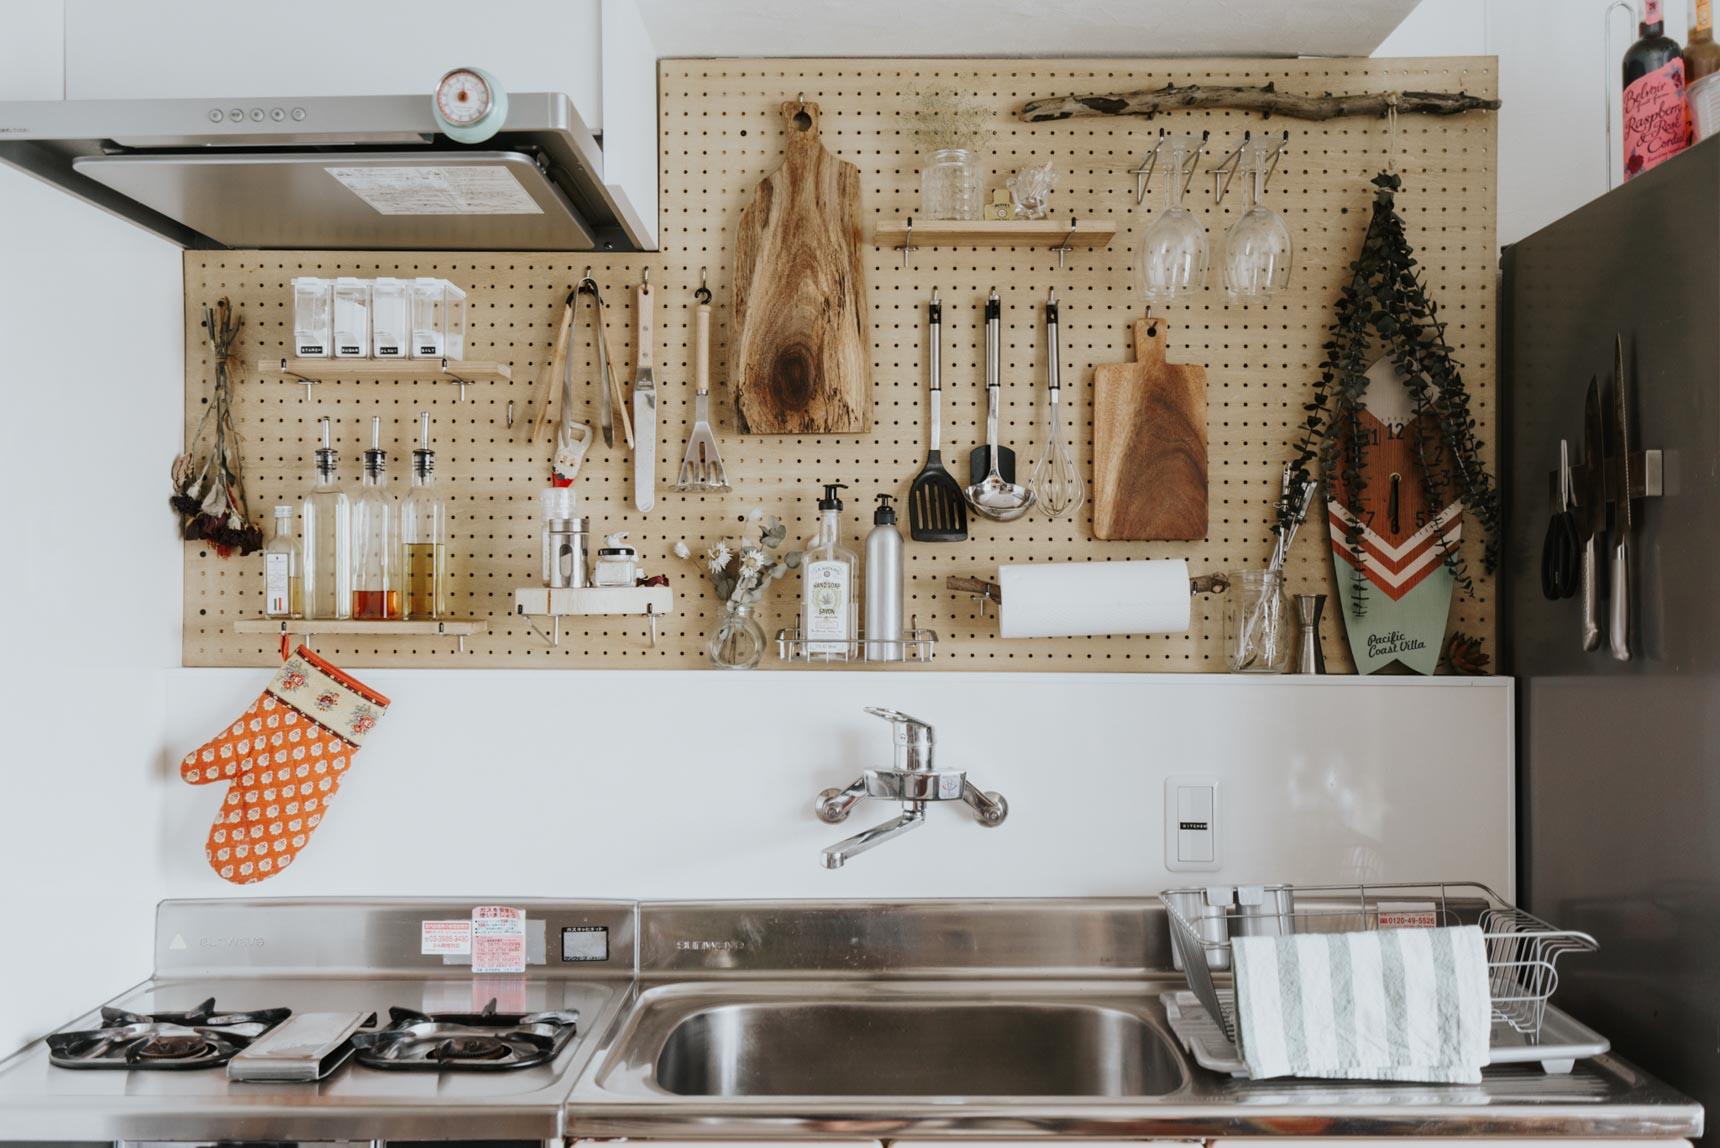 ちょっとレトロで味のあるキッチンは、吊り戸棚などの収納が一切ついていなかったのを逆手にとって、ディアウォールを使って有孔ボードを貼り、壁面収納を作りました。キッチンに有孔ボードって、すごくいいですね。